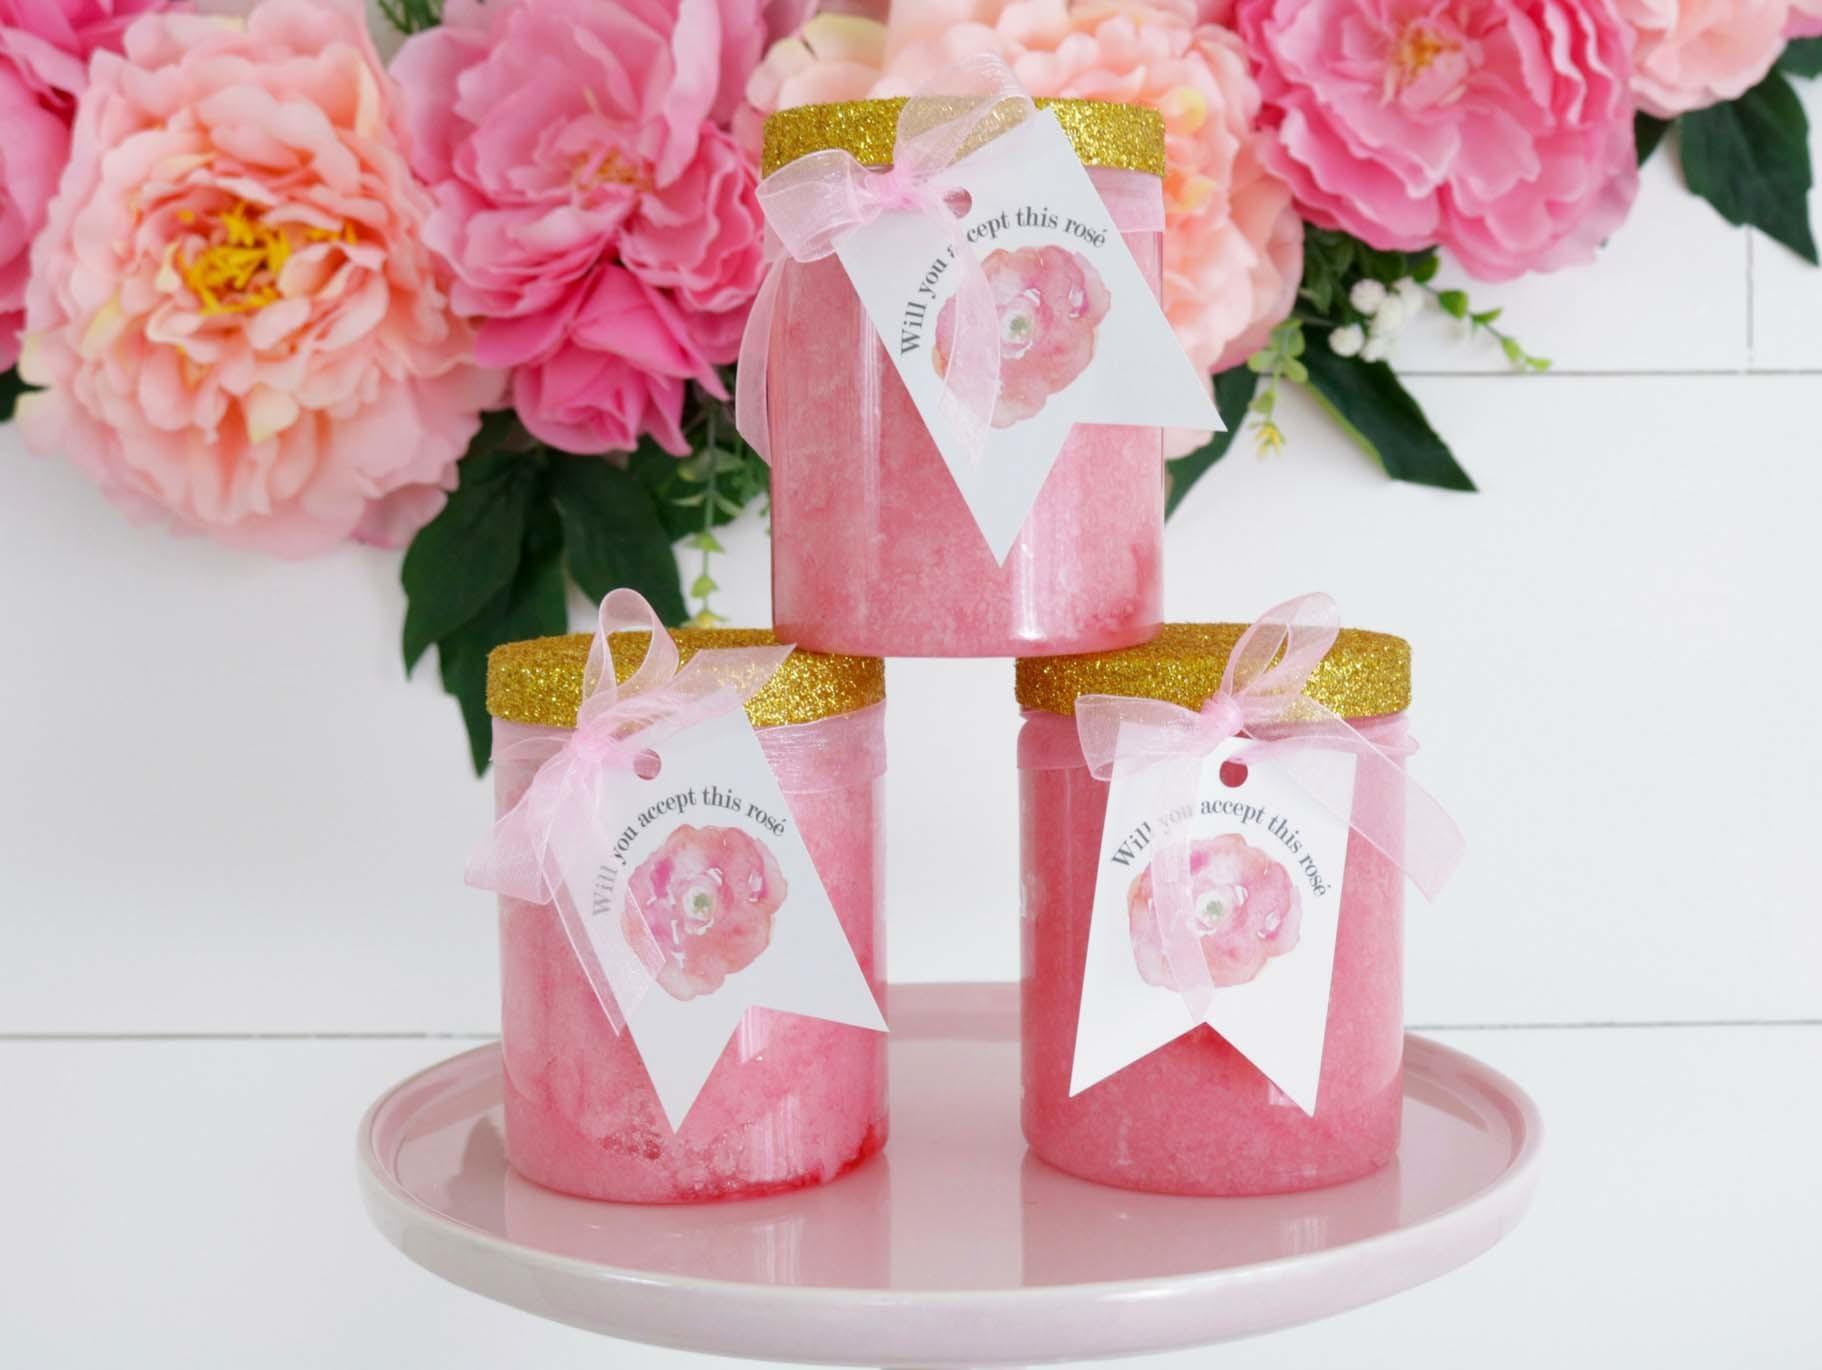 DIY Rosé Sugar Scrub Favors